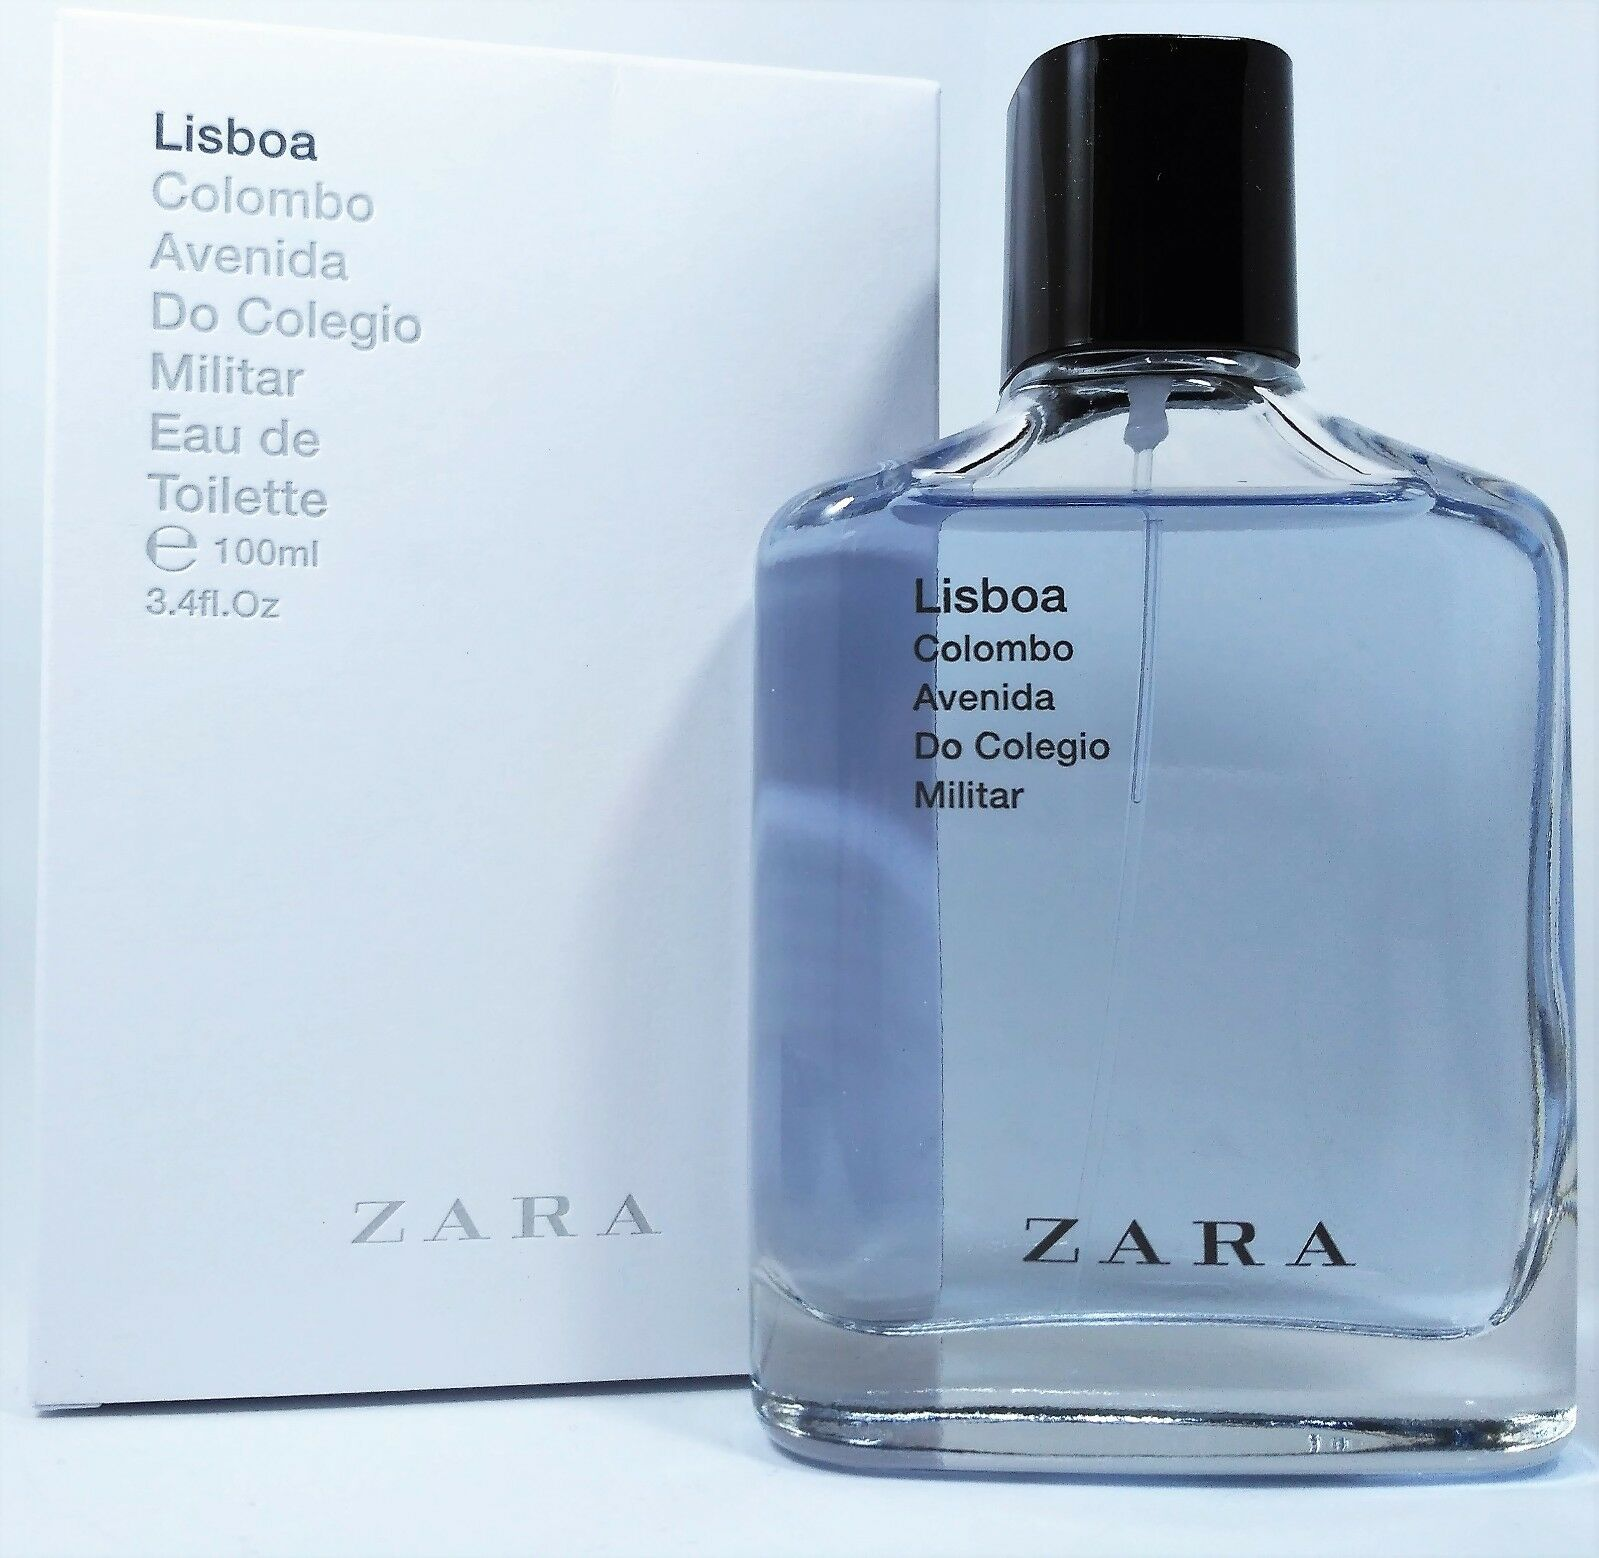 Perfume Man Edt Cities Details Lisboa De Toilette For Collection 100ml Lisbon About Zara Eau wvO8nN0m